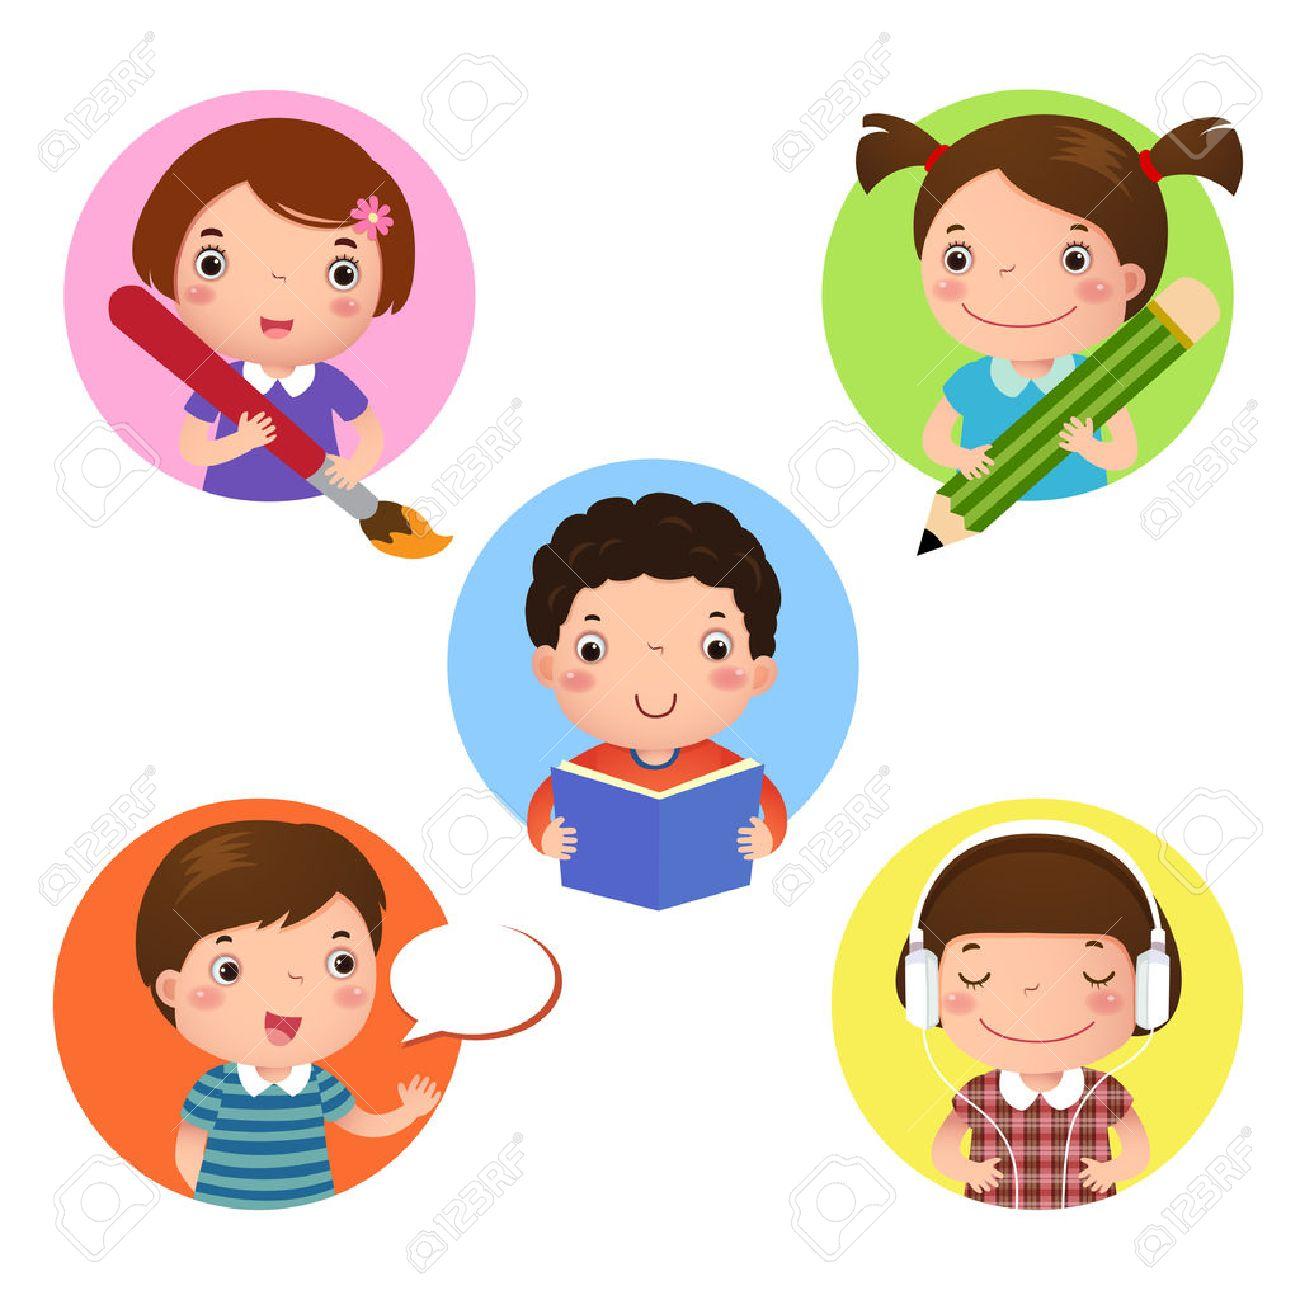 子供たちのマスコット学習のイラスト セット書く図面リーディング